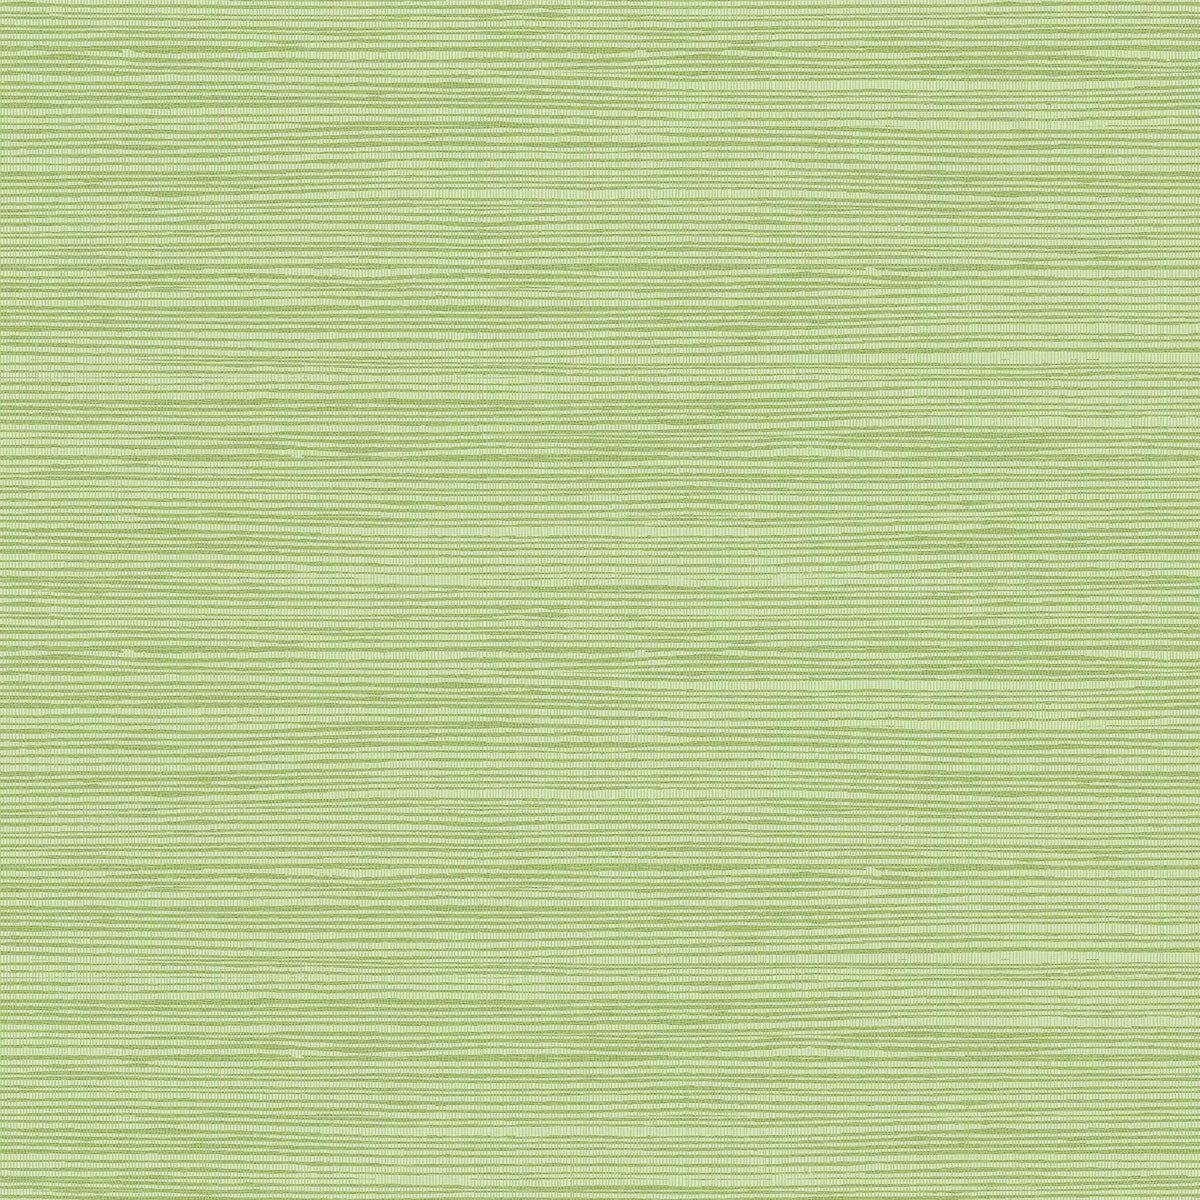 Seabrook Designs Jamaica Grass Olive Green Wallpaper  - green